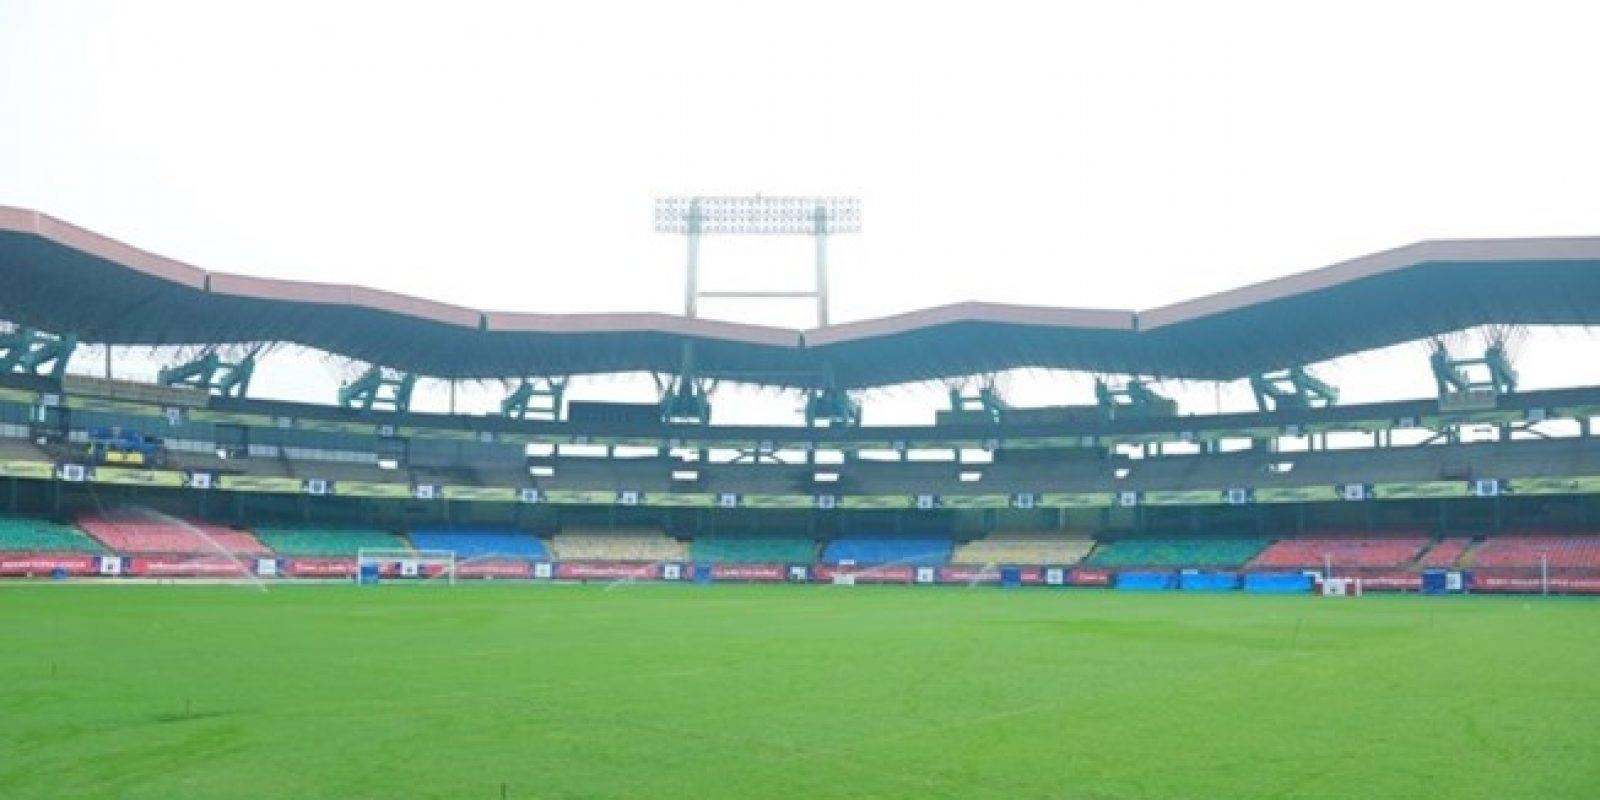 Jawaharlal Nehru International Stadium (Cochín): Otro de los estadios que rinde tributo al primer Primer Ministro de India. Construido en 1996, tiene una capacidad para 55 mil espectadores y su construcción lo hace ser uno de los recintos donde más se escucha el sonido ambiente.